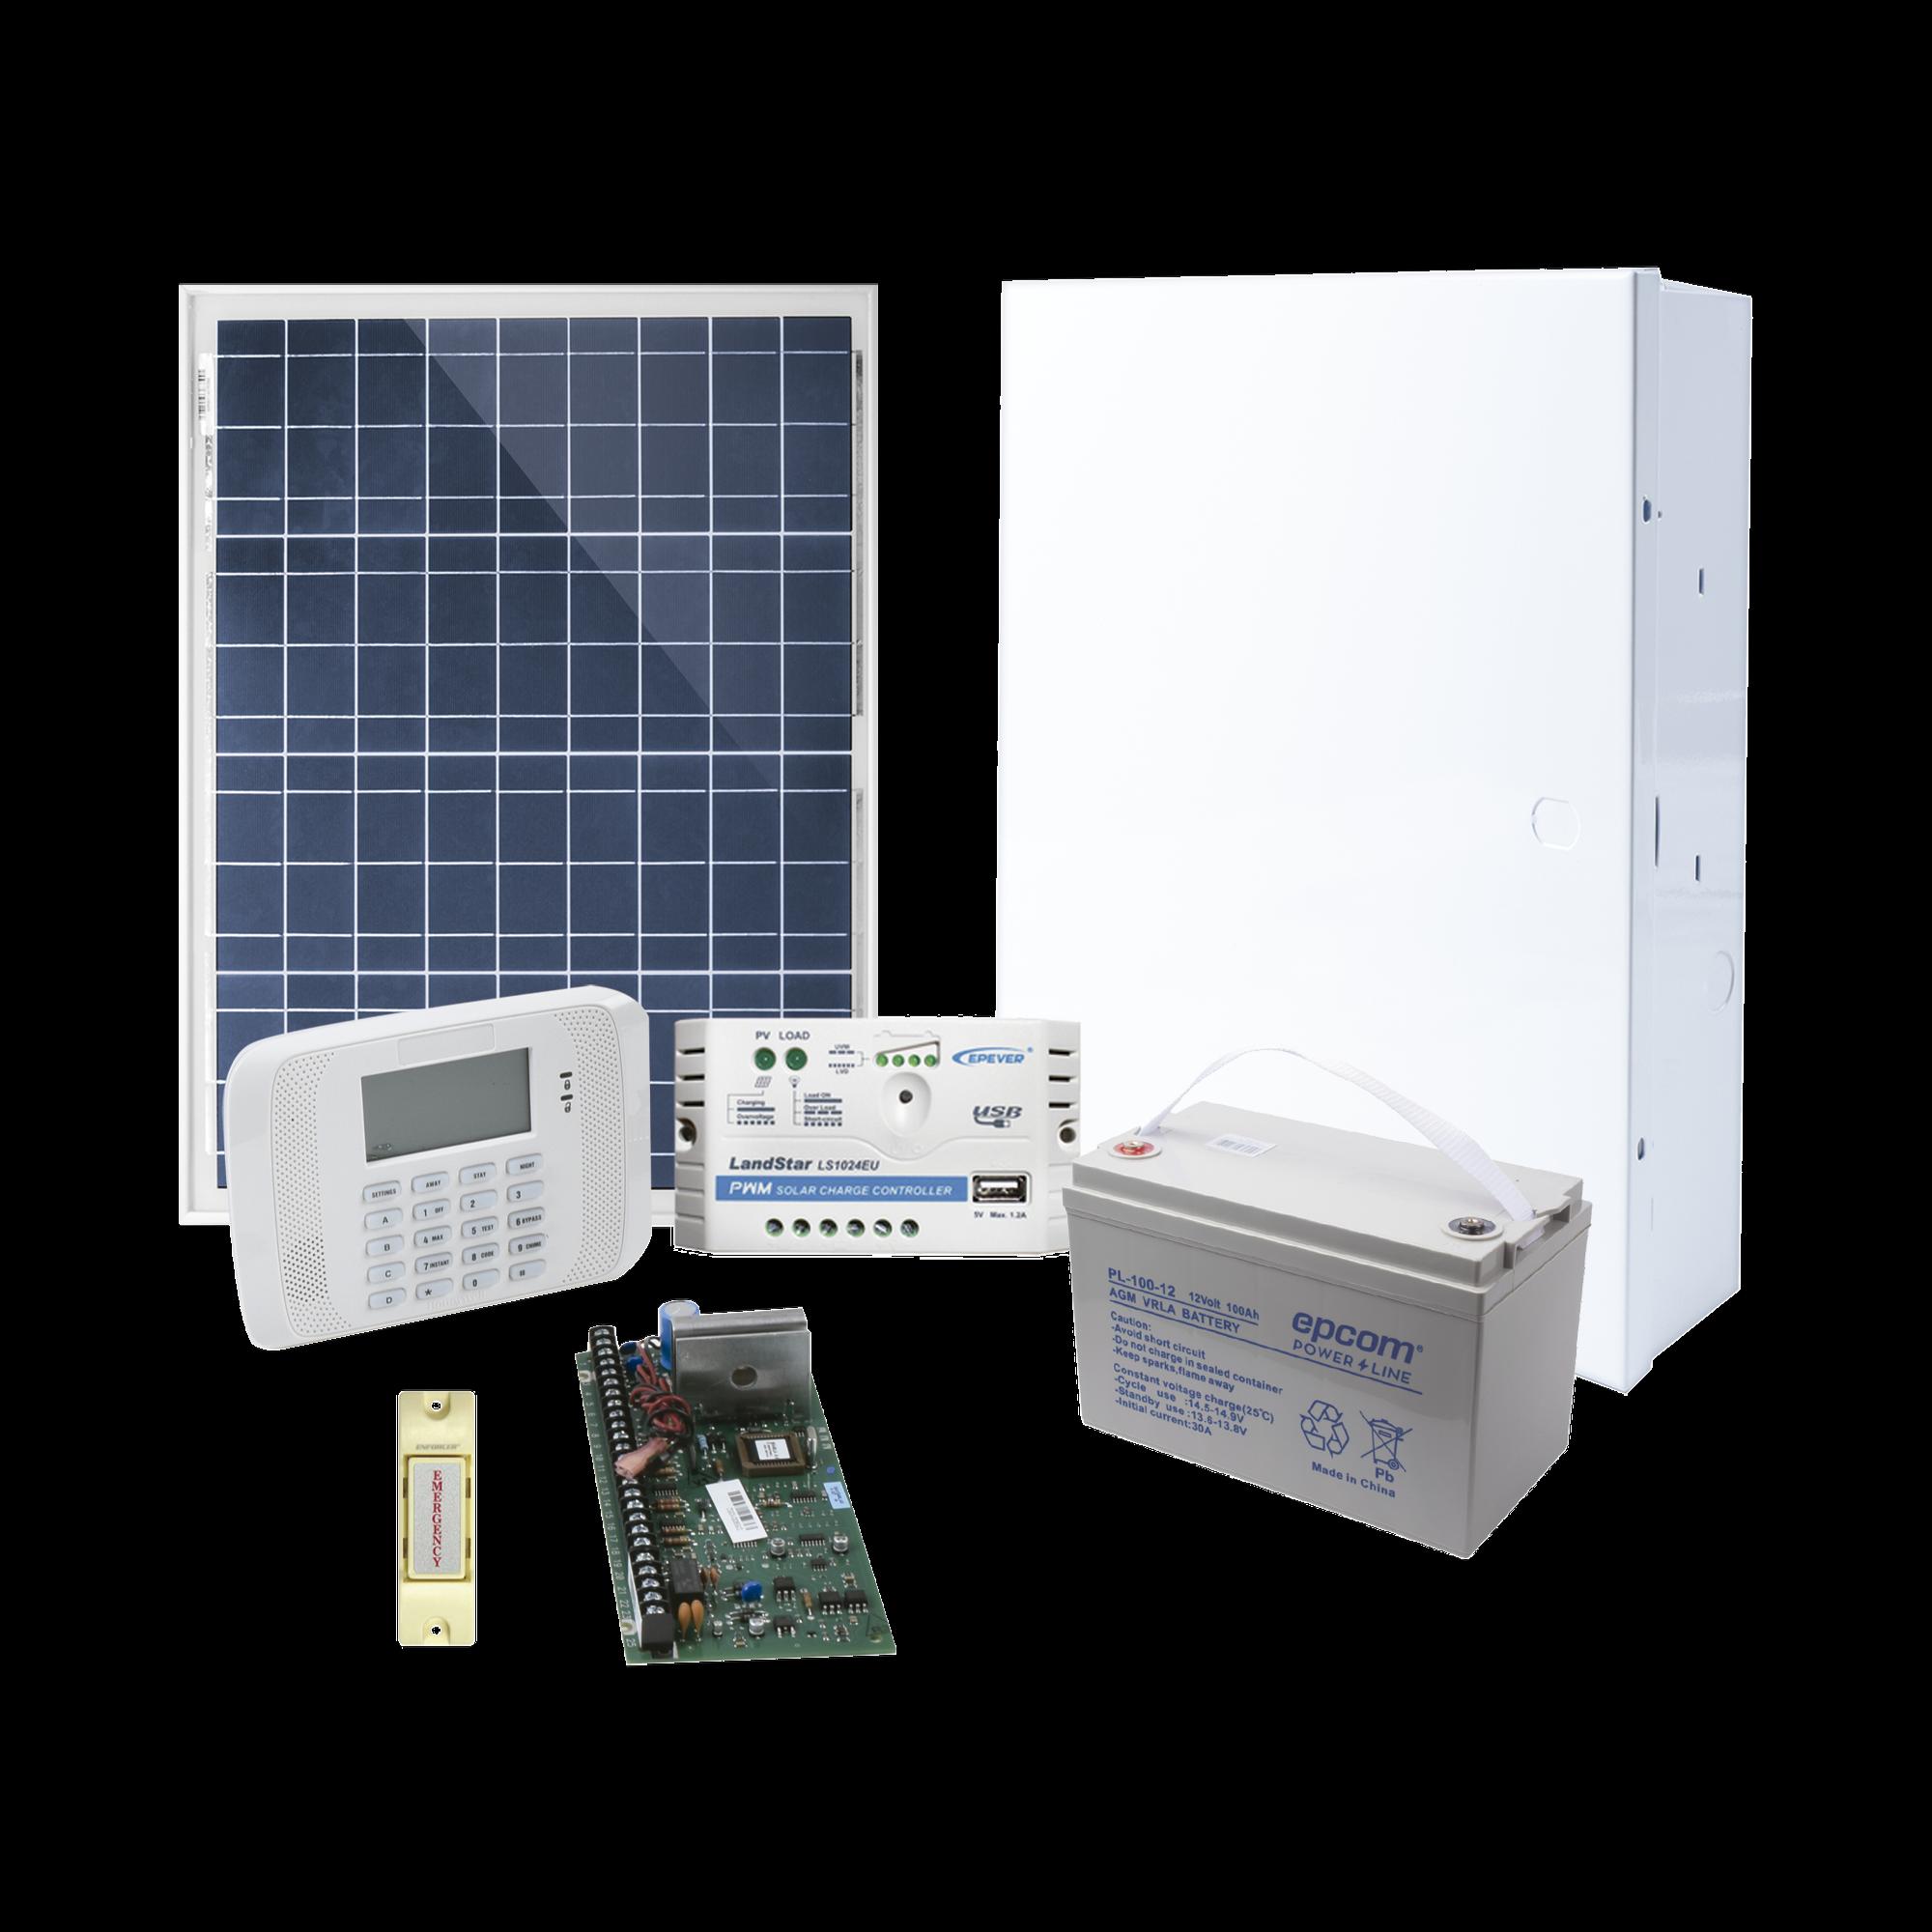 Sistema de Alarma VISTA48LA Alimentado por Celda Solar, incluye Teclado con Receptor Inalambrico